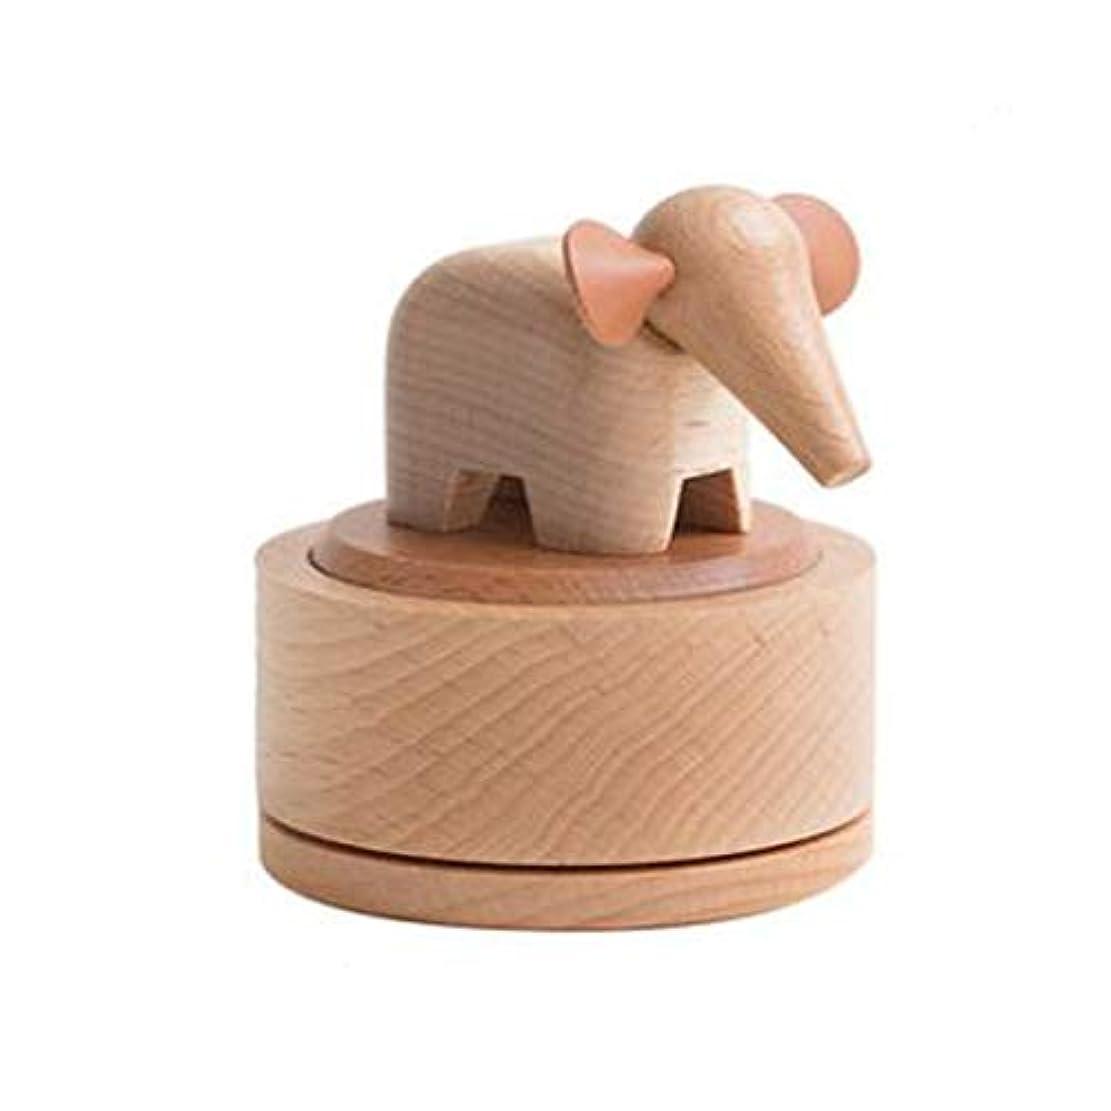 曇った慎重に発行Aishanghuayi ギフト豚オルゴールスカイシティオルゴール木製回転クリエイティブ送信女の子カップル誕生日ギフト,ファッションオーナメント (Style : Pig)